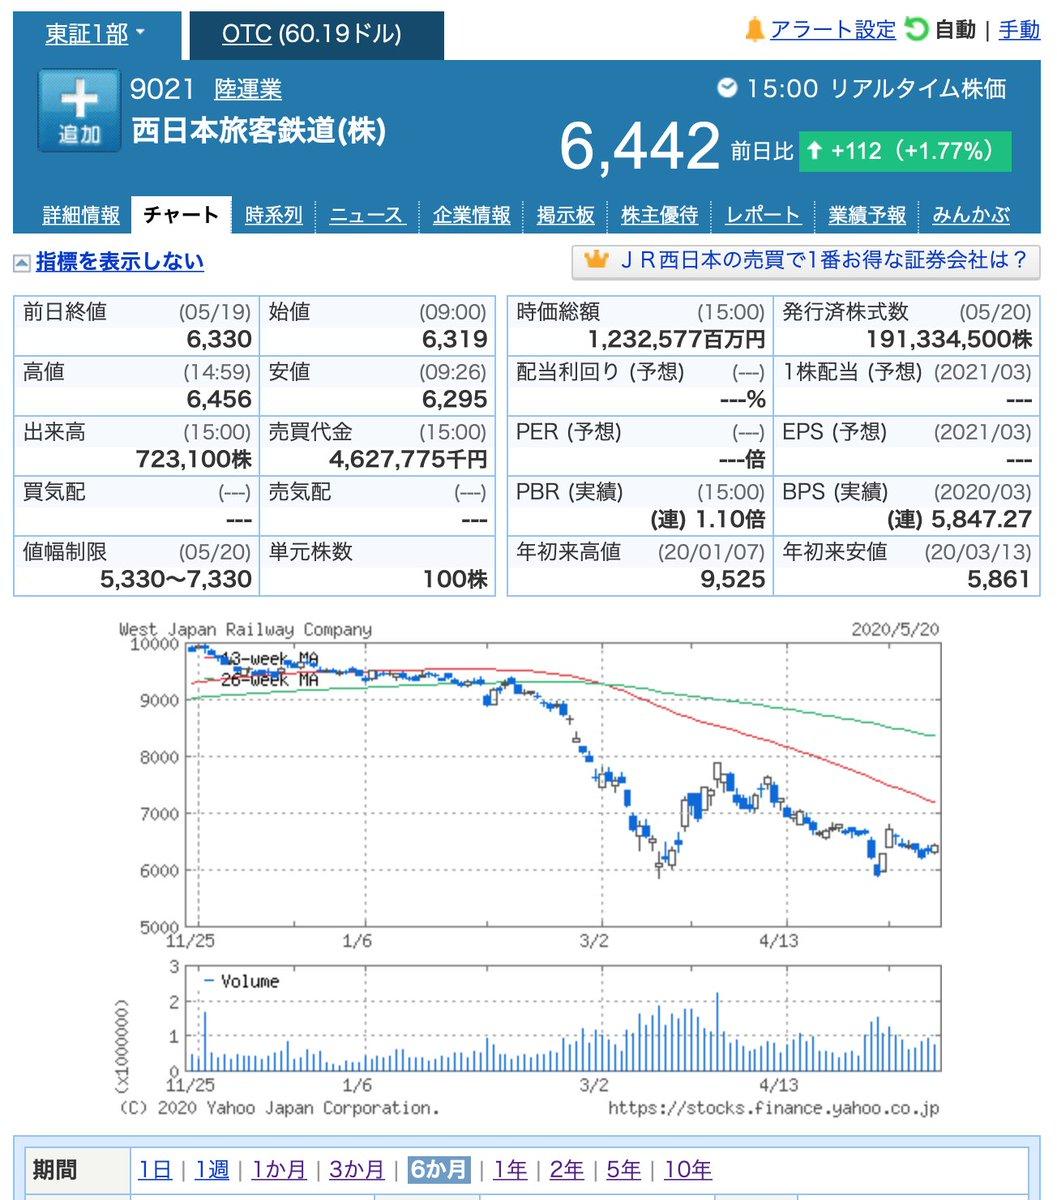 株価 西日本 旅客 鉄道